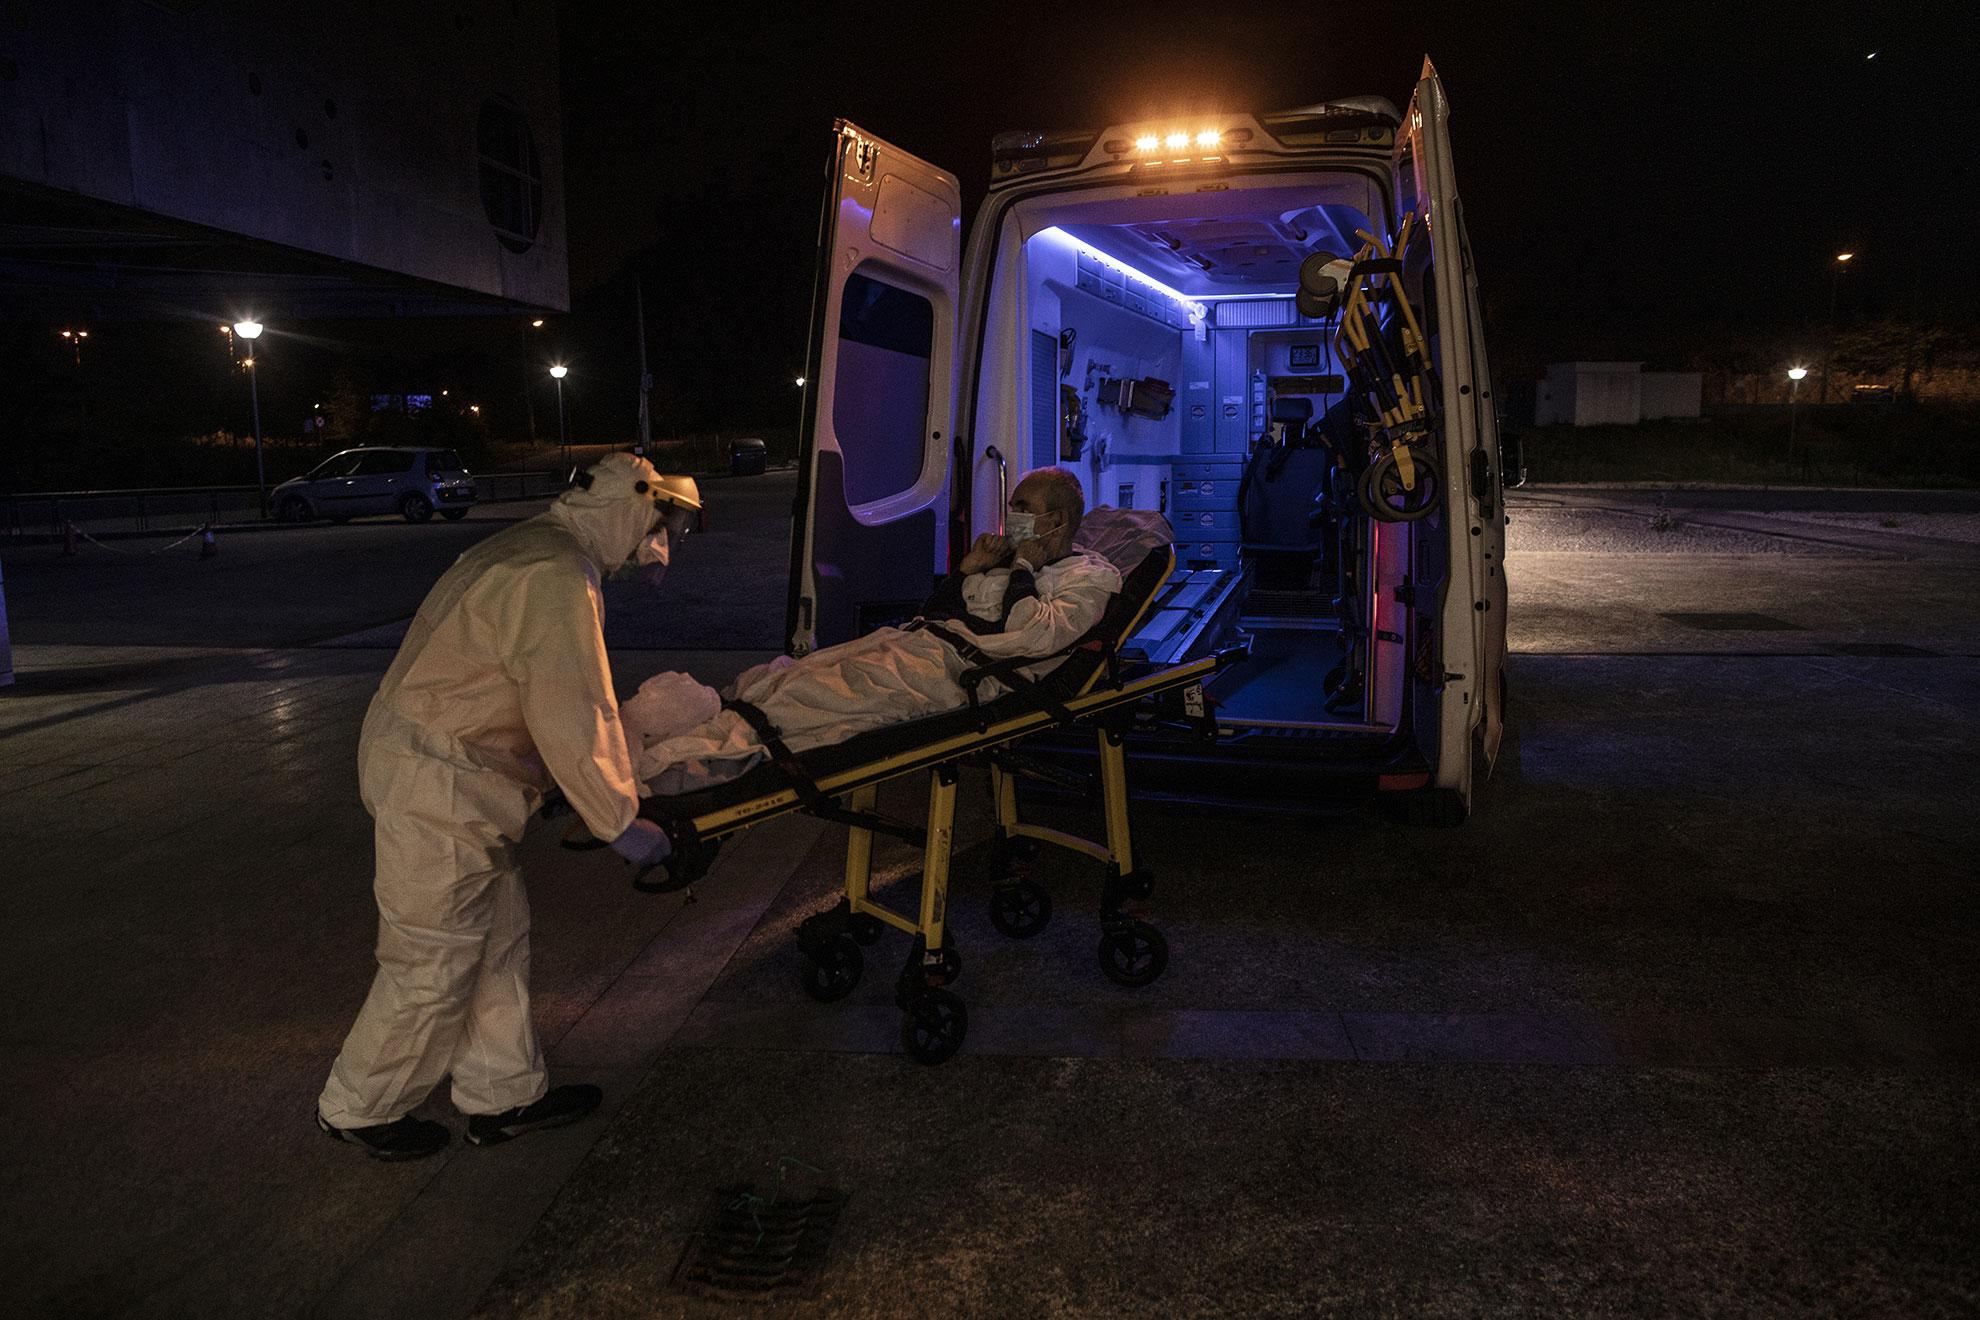 Santos, un paramédico, transporta a José María, un paciente con COVID-19, desde la ambulancia al centro de enfermedades neurológicas, autorizado en la cuenca minera para recibir pacientes con síntomas leves de toda Asturias. Langreo, Asturias, España.